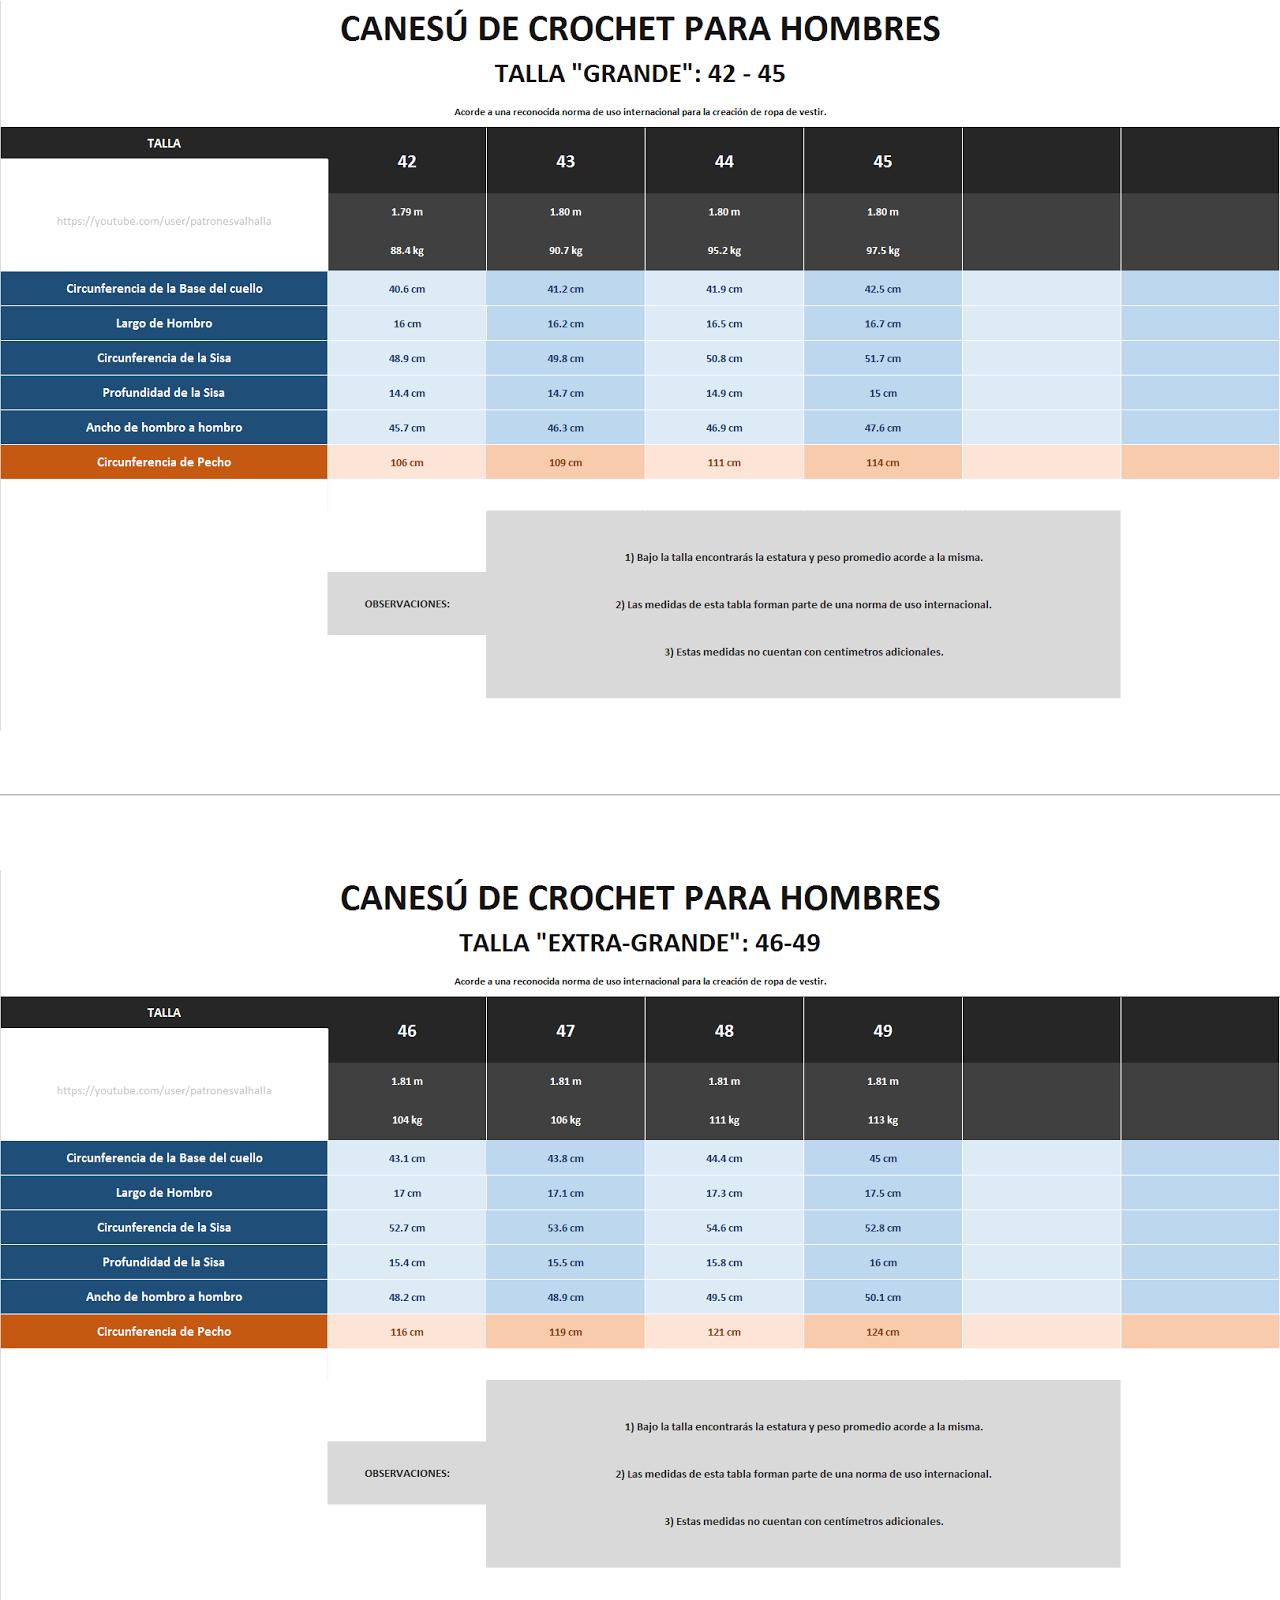 Tabla+de+Medidas+para+Canesu+de+Crochet+de+Hombres+grande+y+extra ...